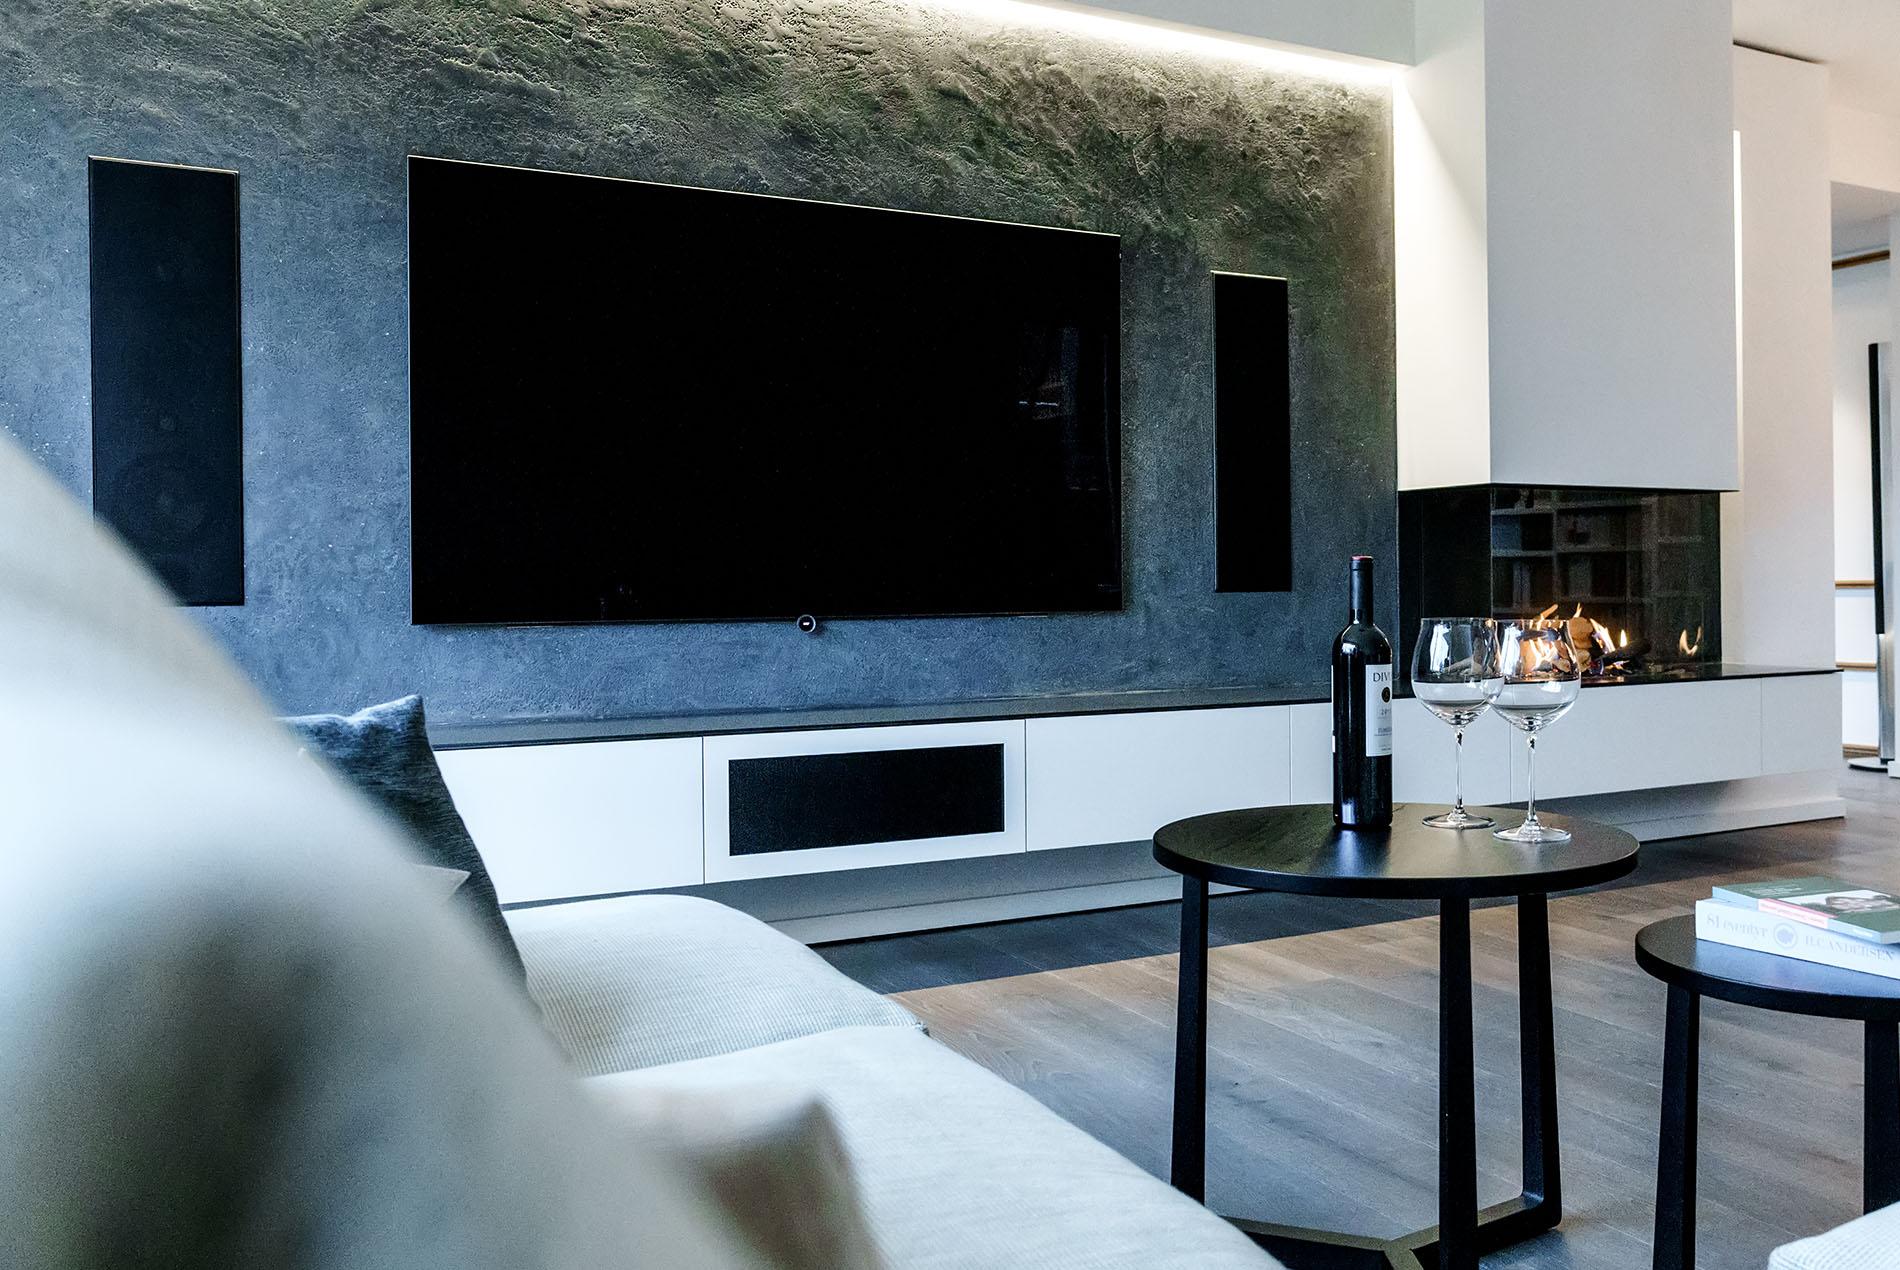 Wohnzimmer mit Gaskamin und Naturstein-Wand - Tischlerei Schöpker